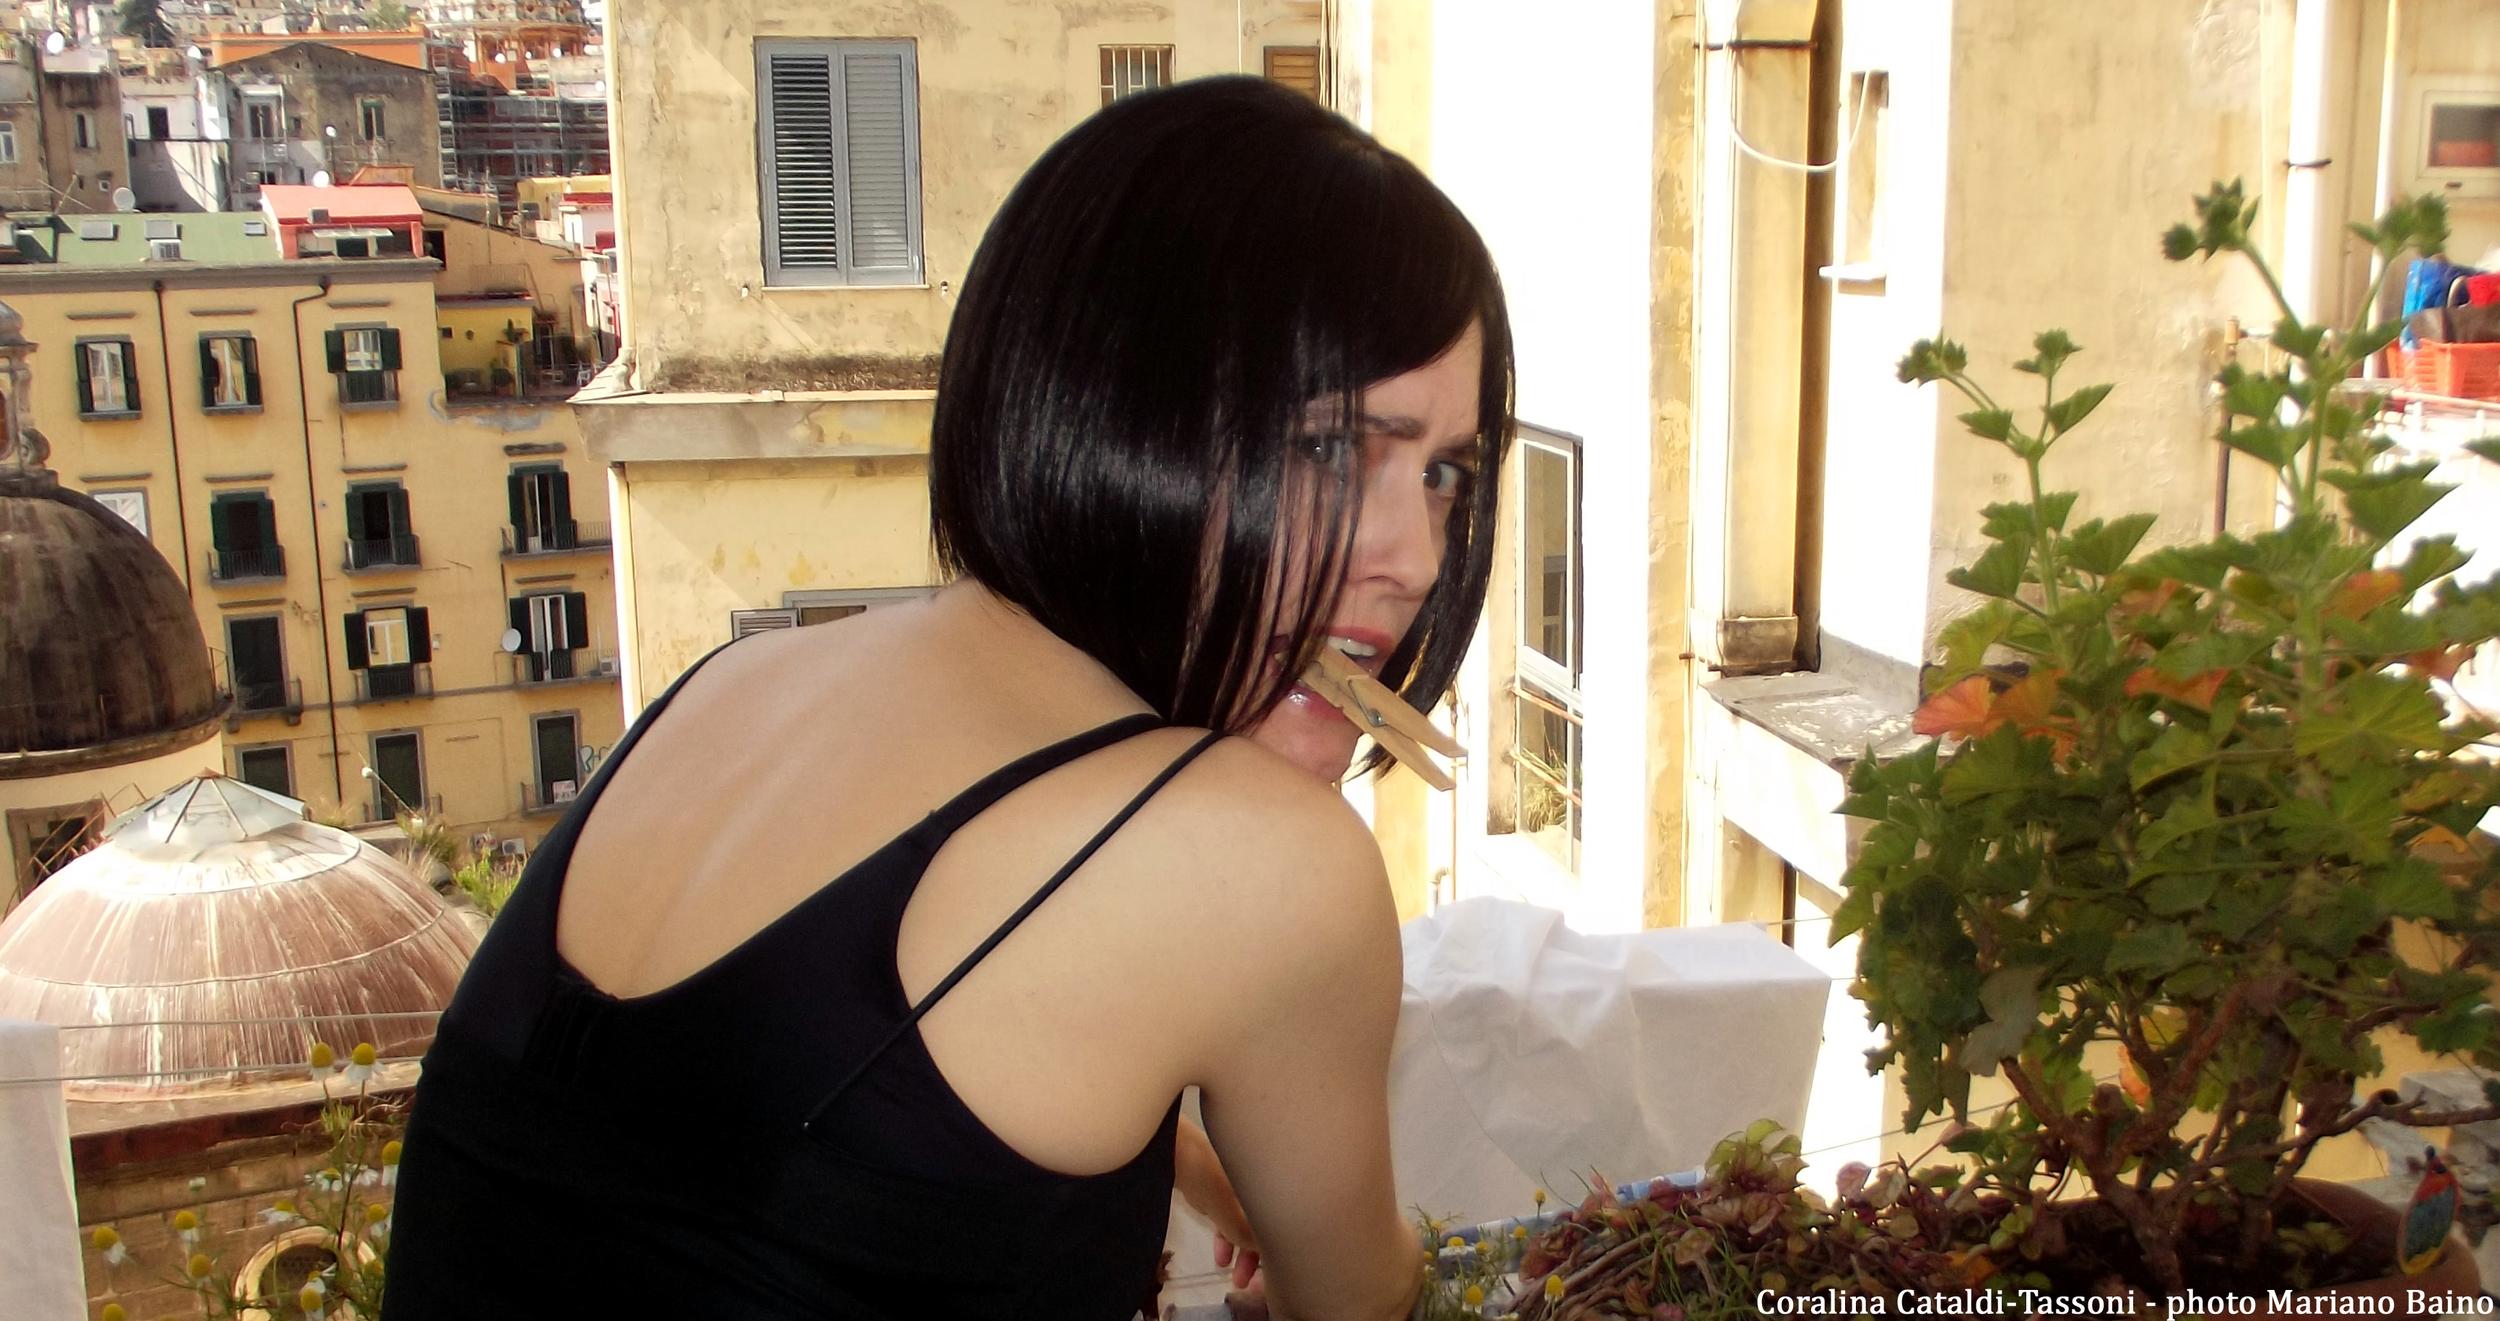 Actress Coralina Cataldi-Tassoni photo Mariano Baino copyright 2015 (8).jpg